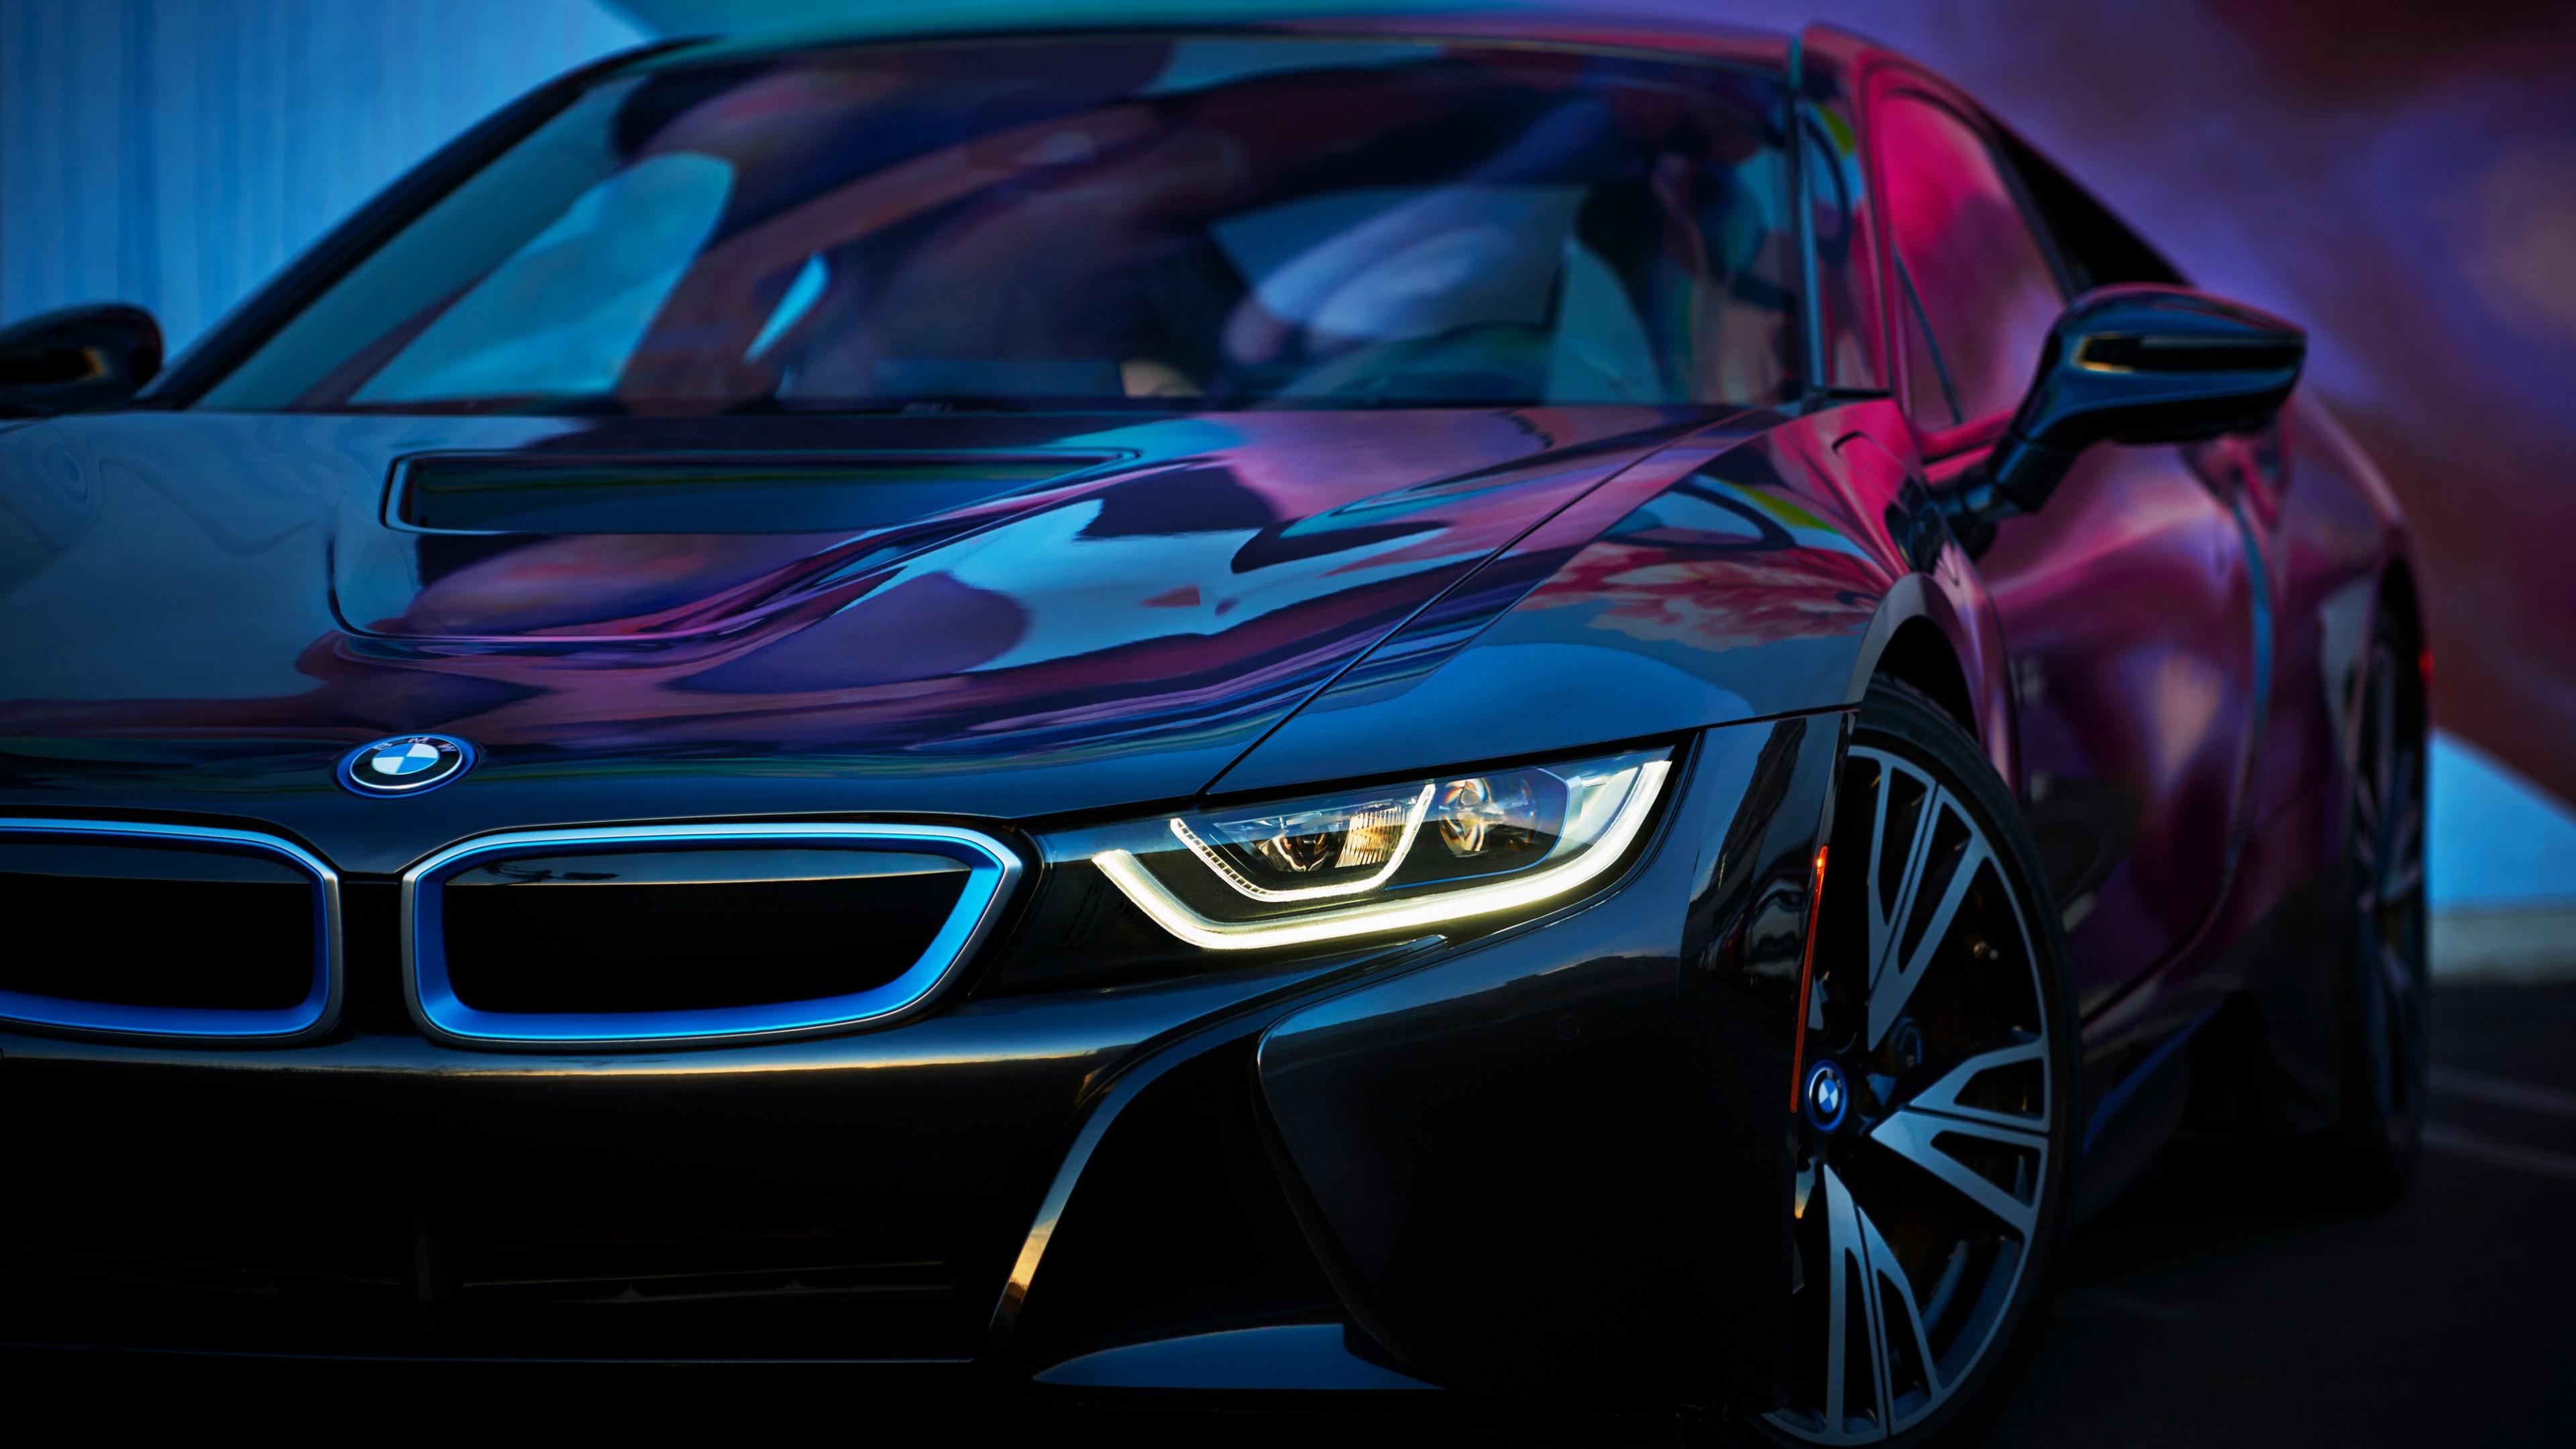 Honda City Car Hd Wallpaper Download 2018 Bmw I8 4k Wallpaper Hd Car Wallpapers Id 9693